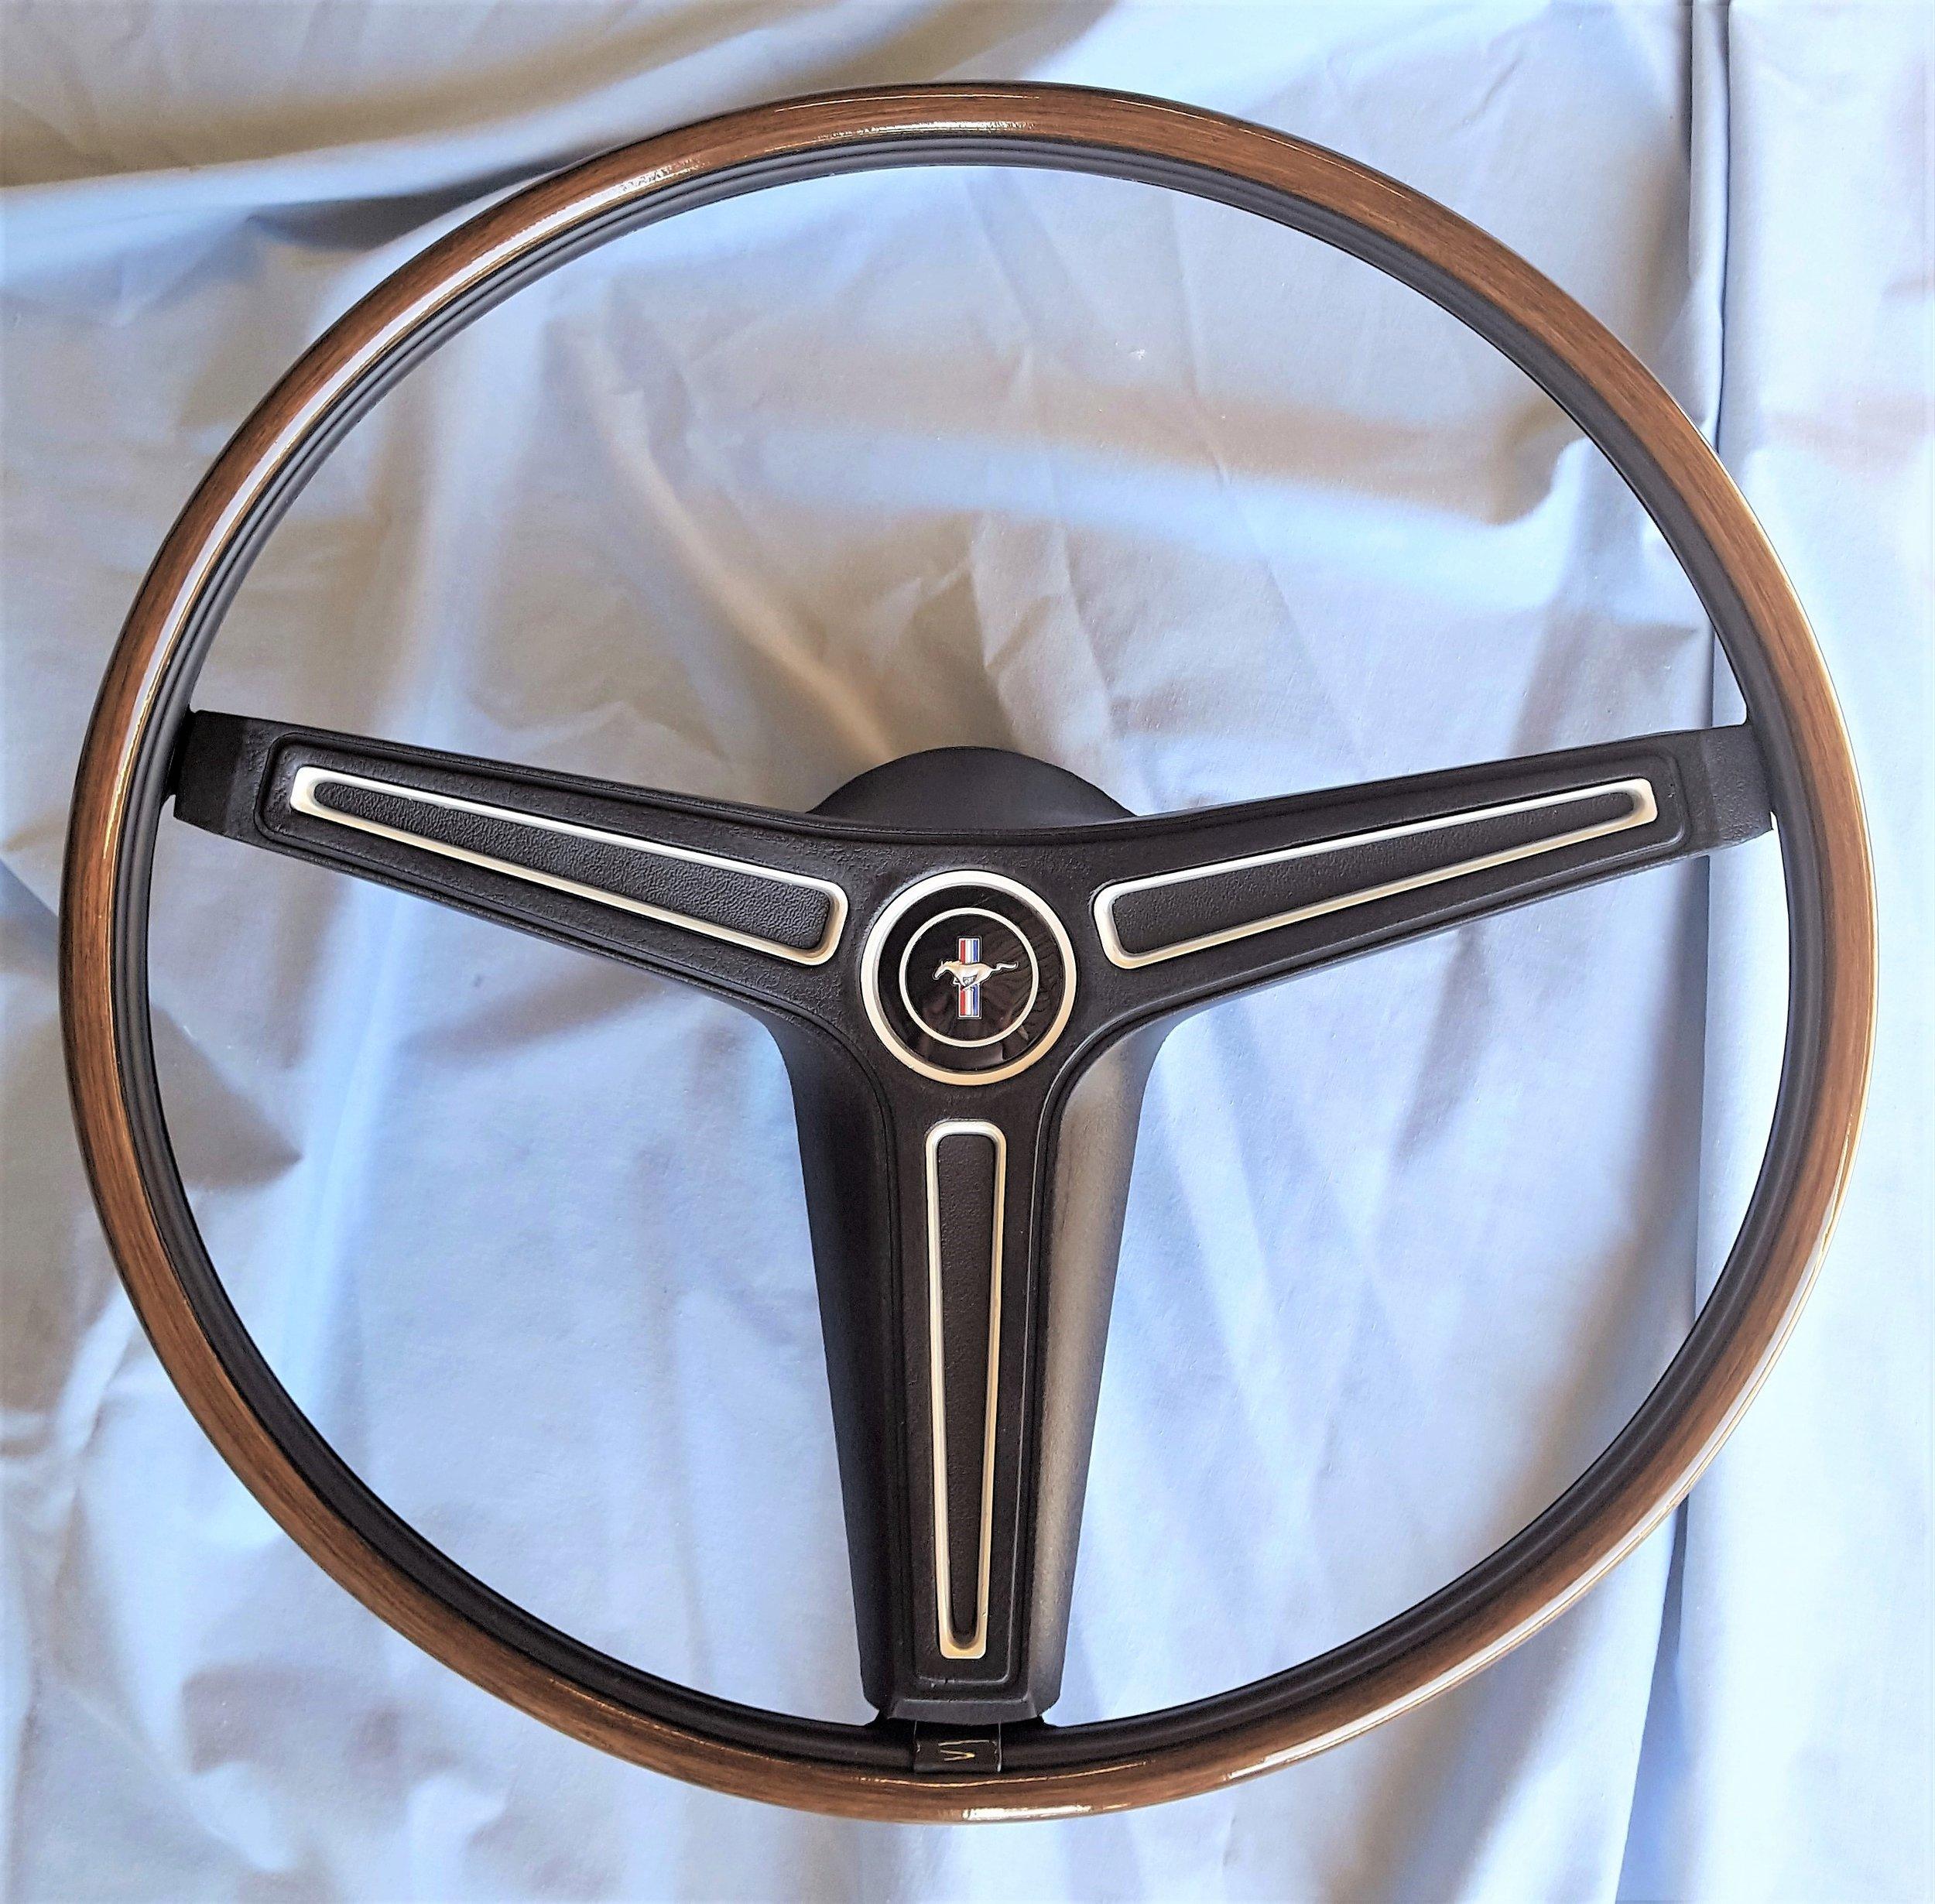 1970-73 Mustang rim blow steering wheel